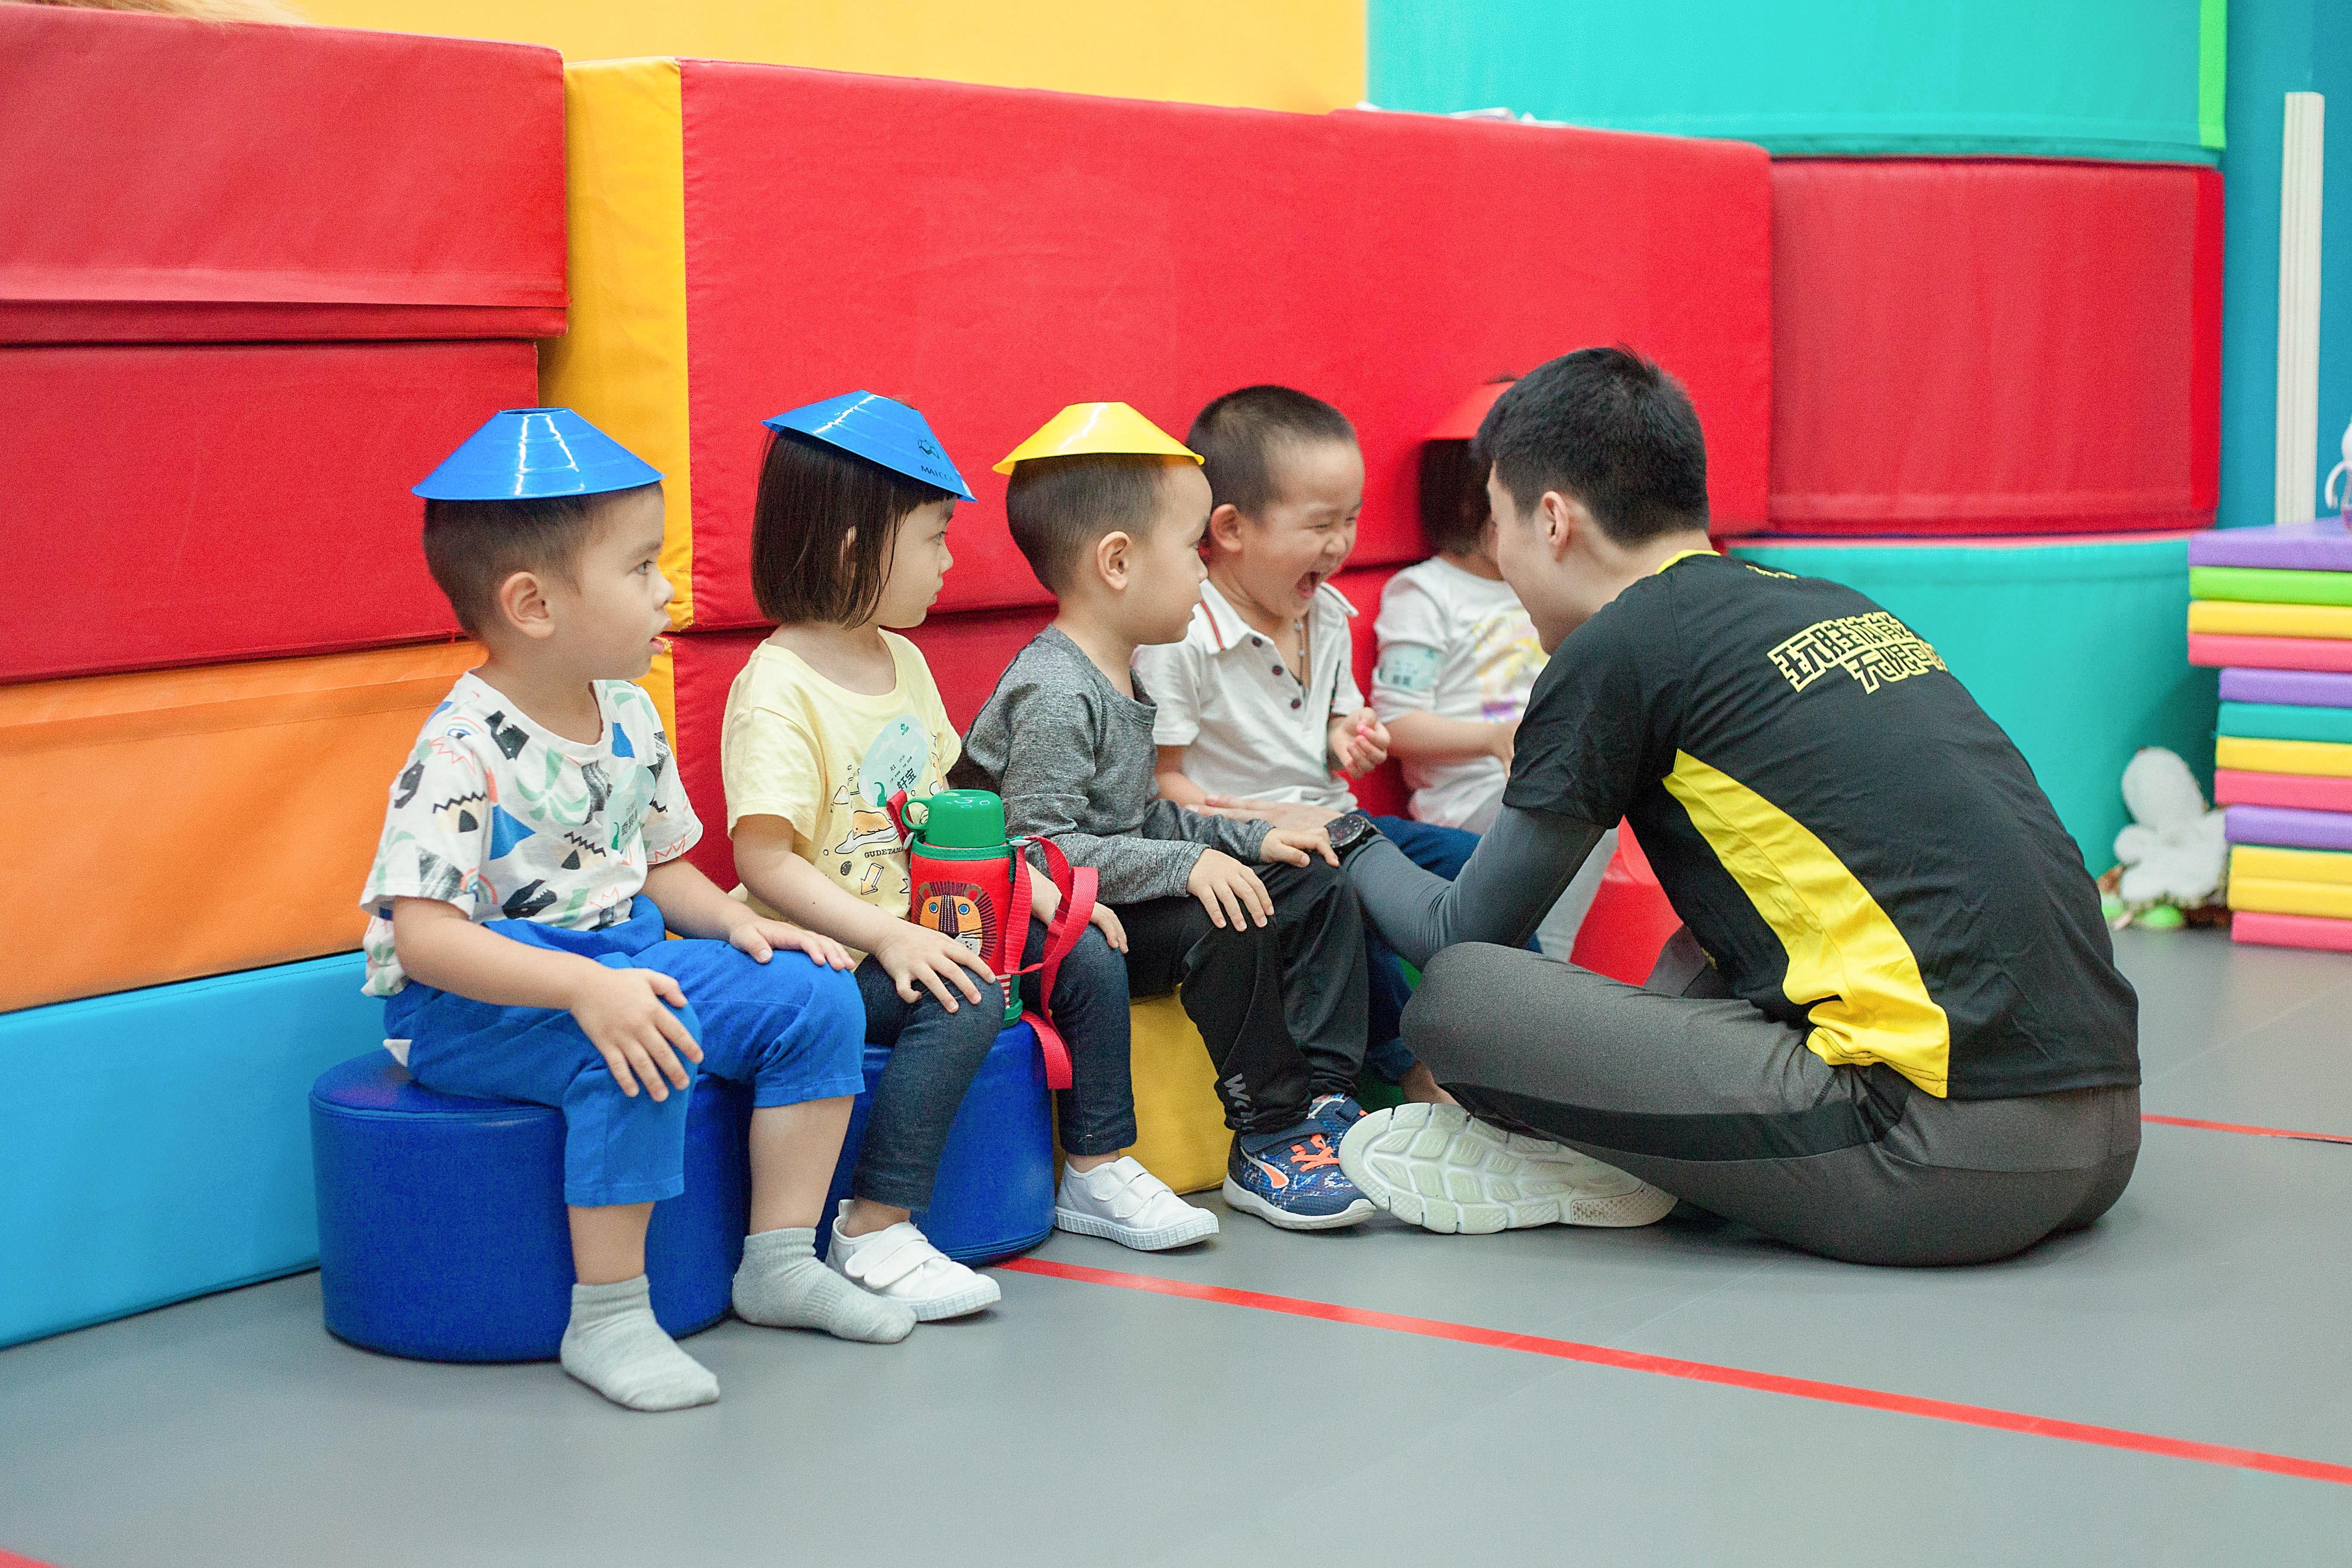 教育根植于爱|懂运动,更懂教育,这就是玩胜教练